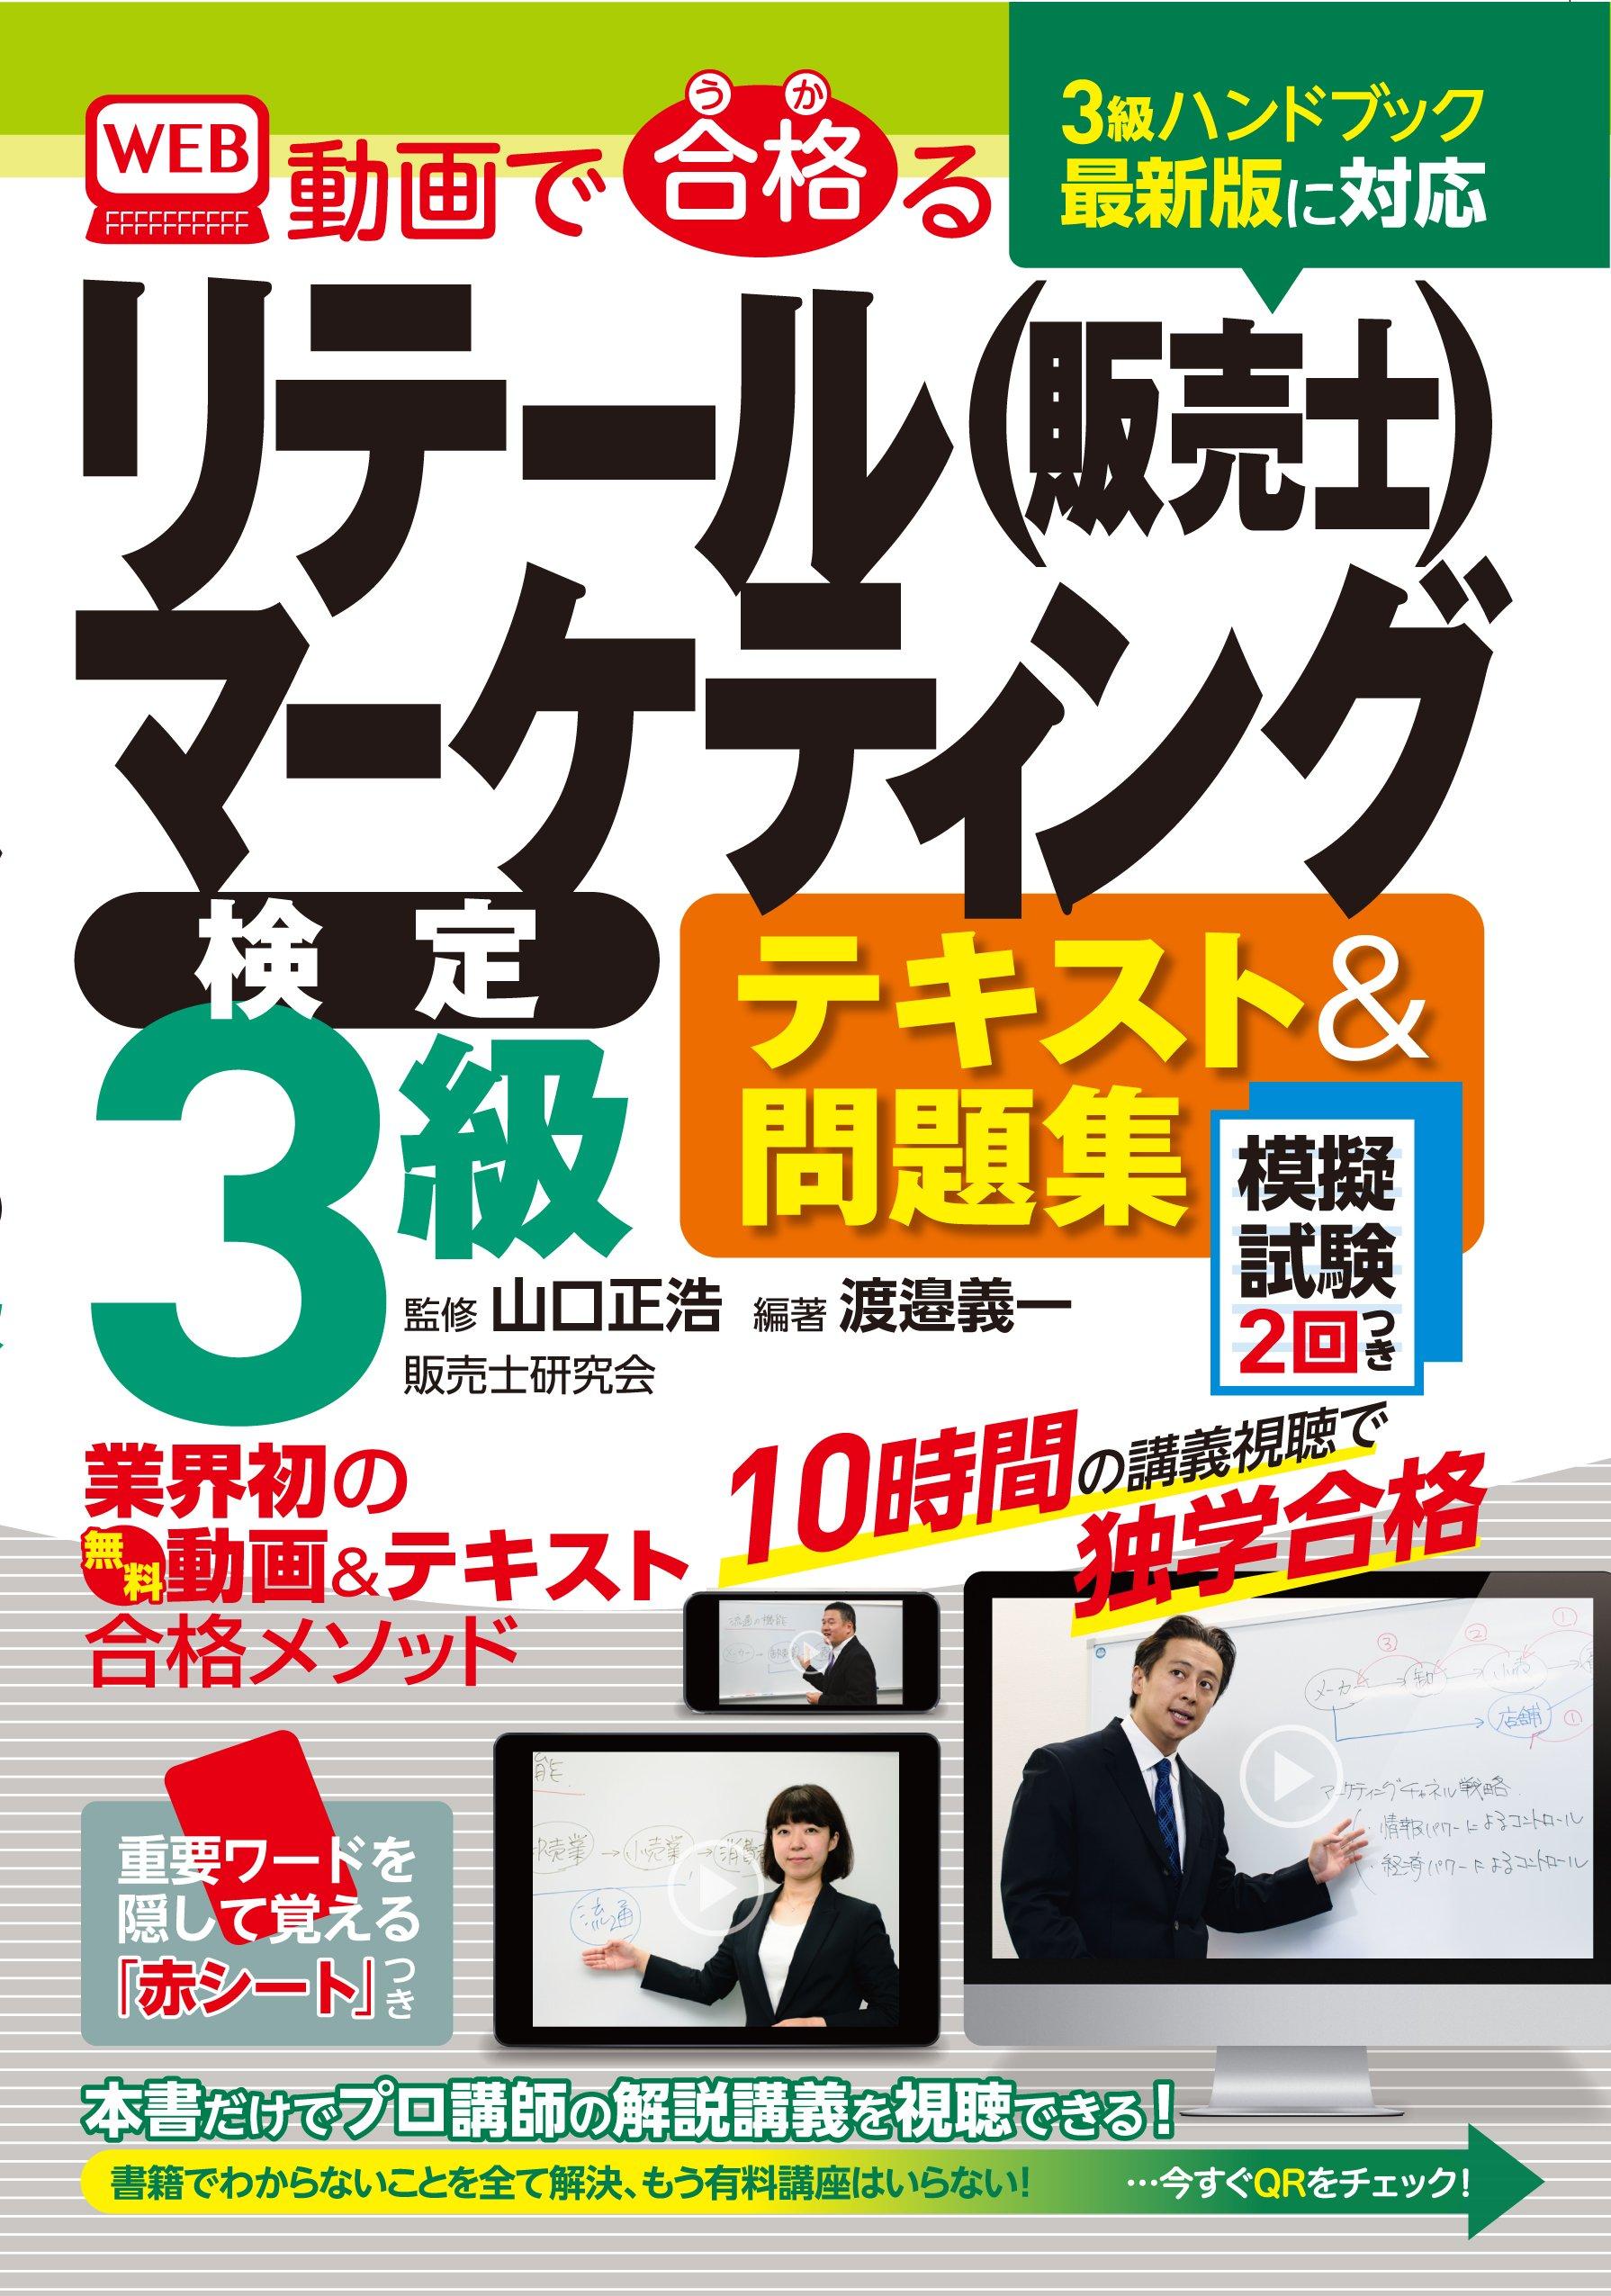 リテールマーケティング(販売士)3級テキスト&問題集